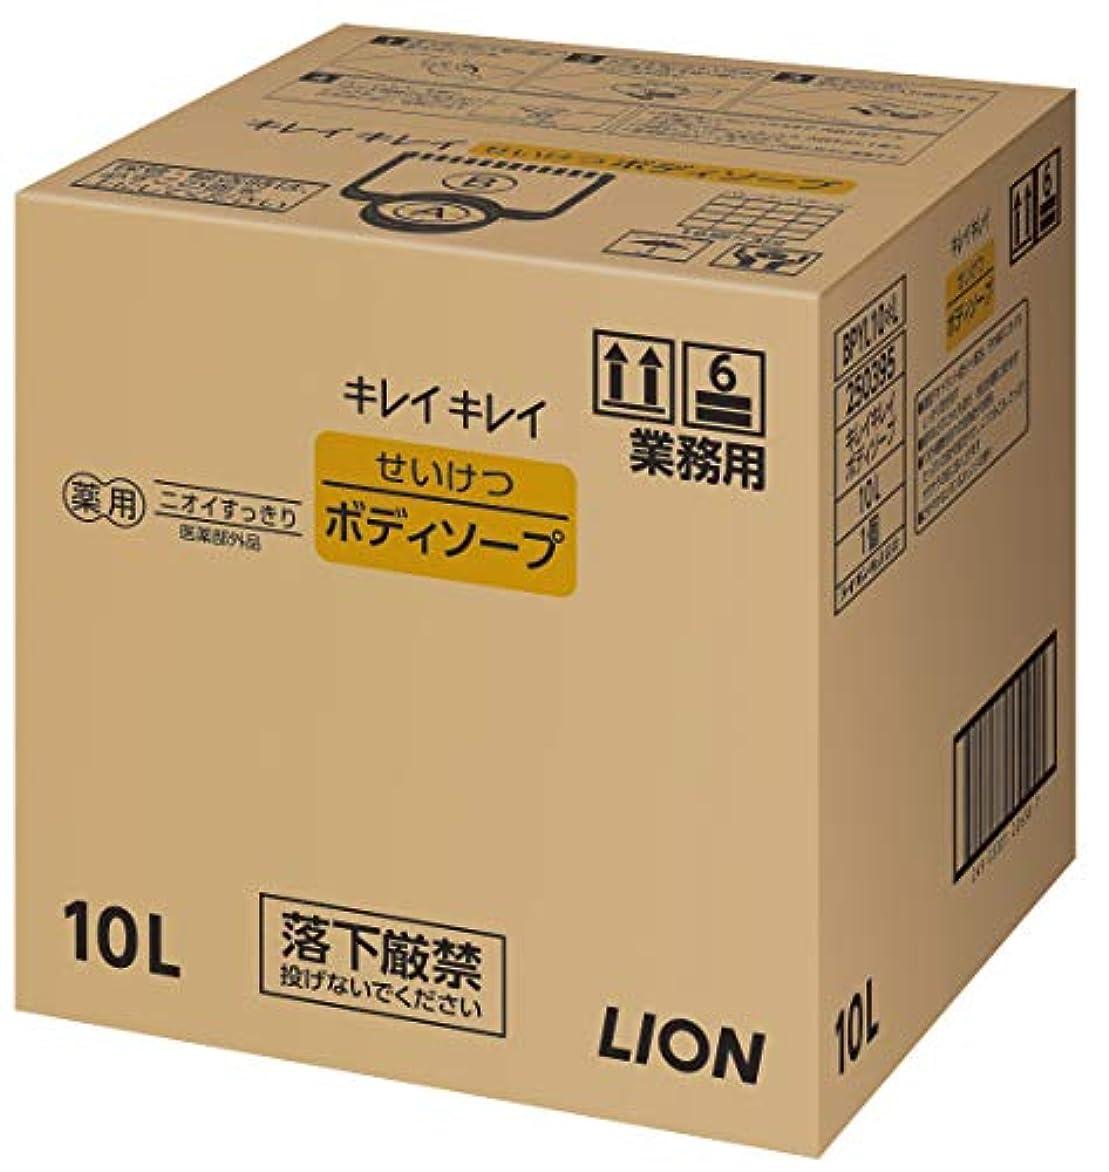 推定渇き付けるキレイキレイ せいけつボディソープ さわやかなレモン&オレンジの香り 業務用 10L